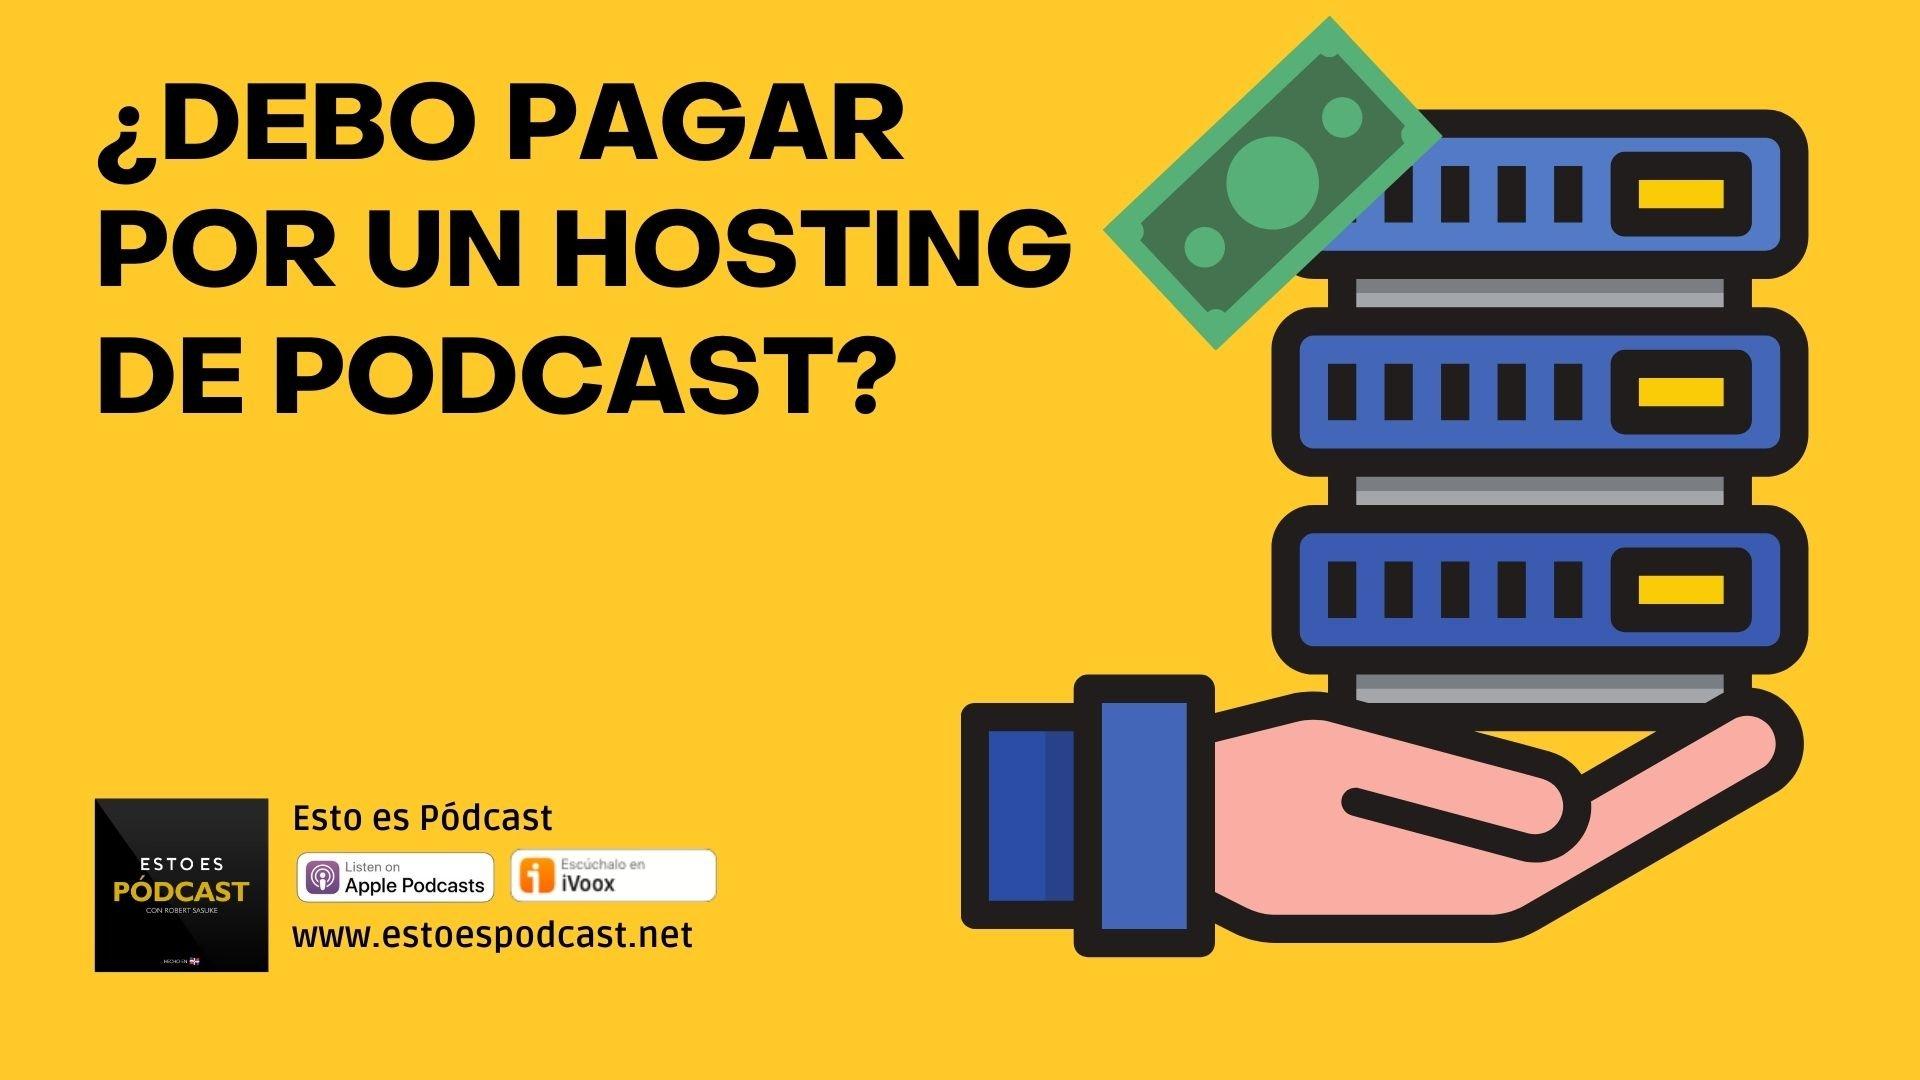 ¿Por qué debo pagar por un hosting de podcast si existen gratuitos?